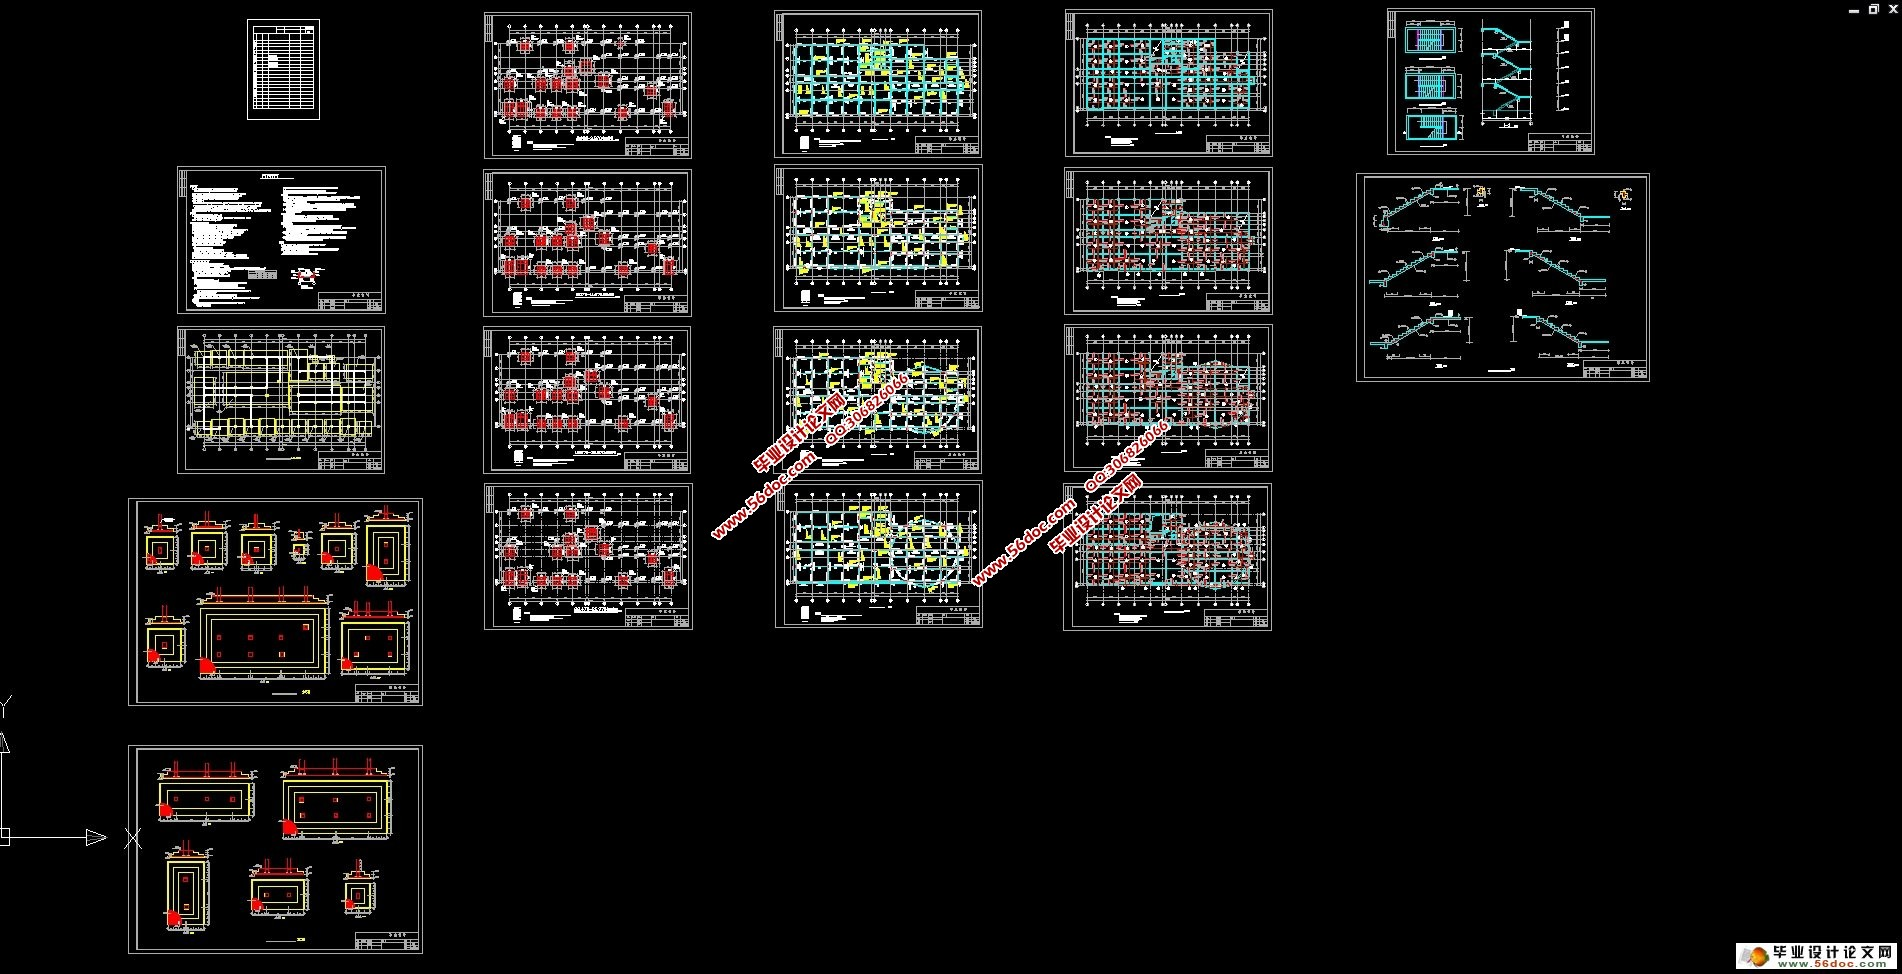 七层6118平米办公综合楼结构施工组织设计(任务书,计算书32000字,施工组织37000字,结构图17张,进度计划表,平面布置图) (一) 建筑物概况 本工程为某办公综合楼工程,框架结构体系。房屋的跨度为19.8m,总长46.2m,总建筑面积为6118.5 m2,基底面积896.1m 层数为7层,总高28.600m。首层层高4.